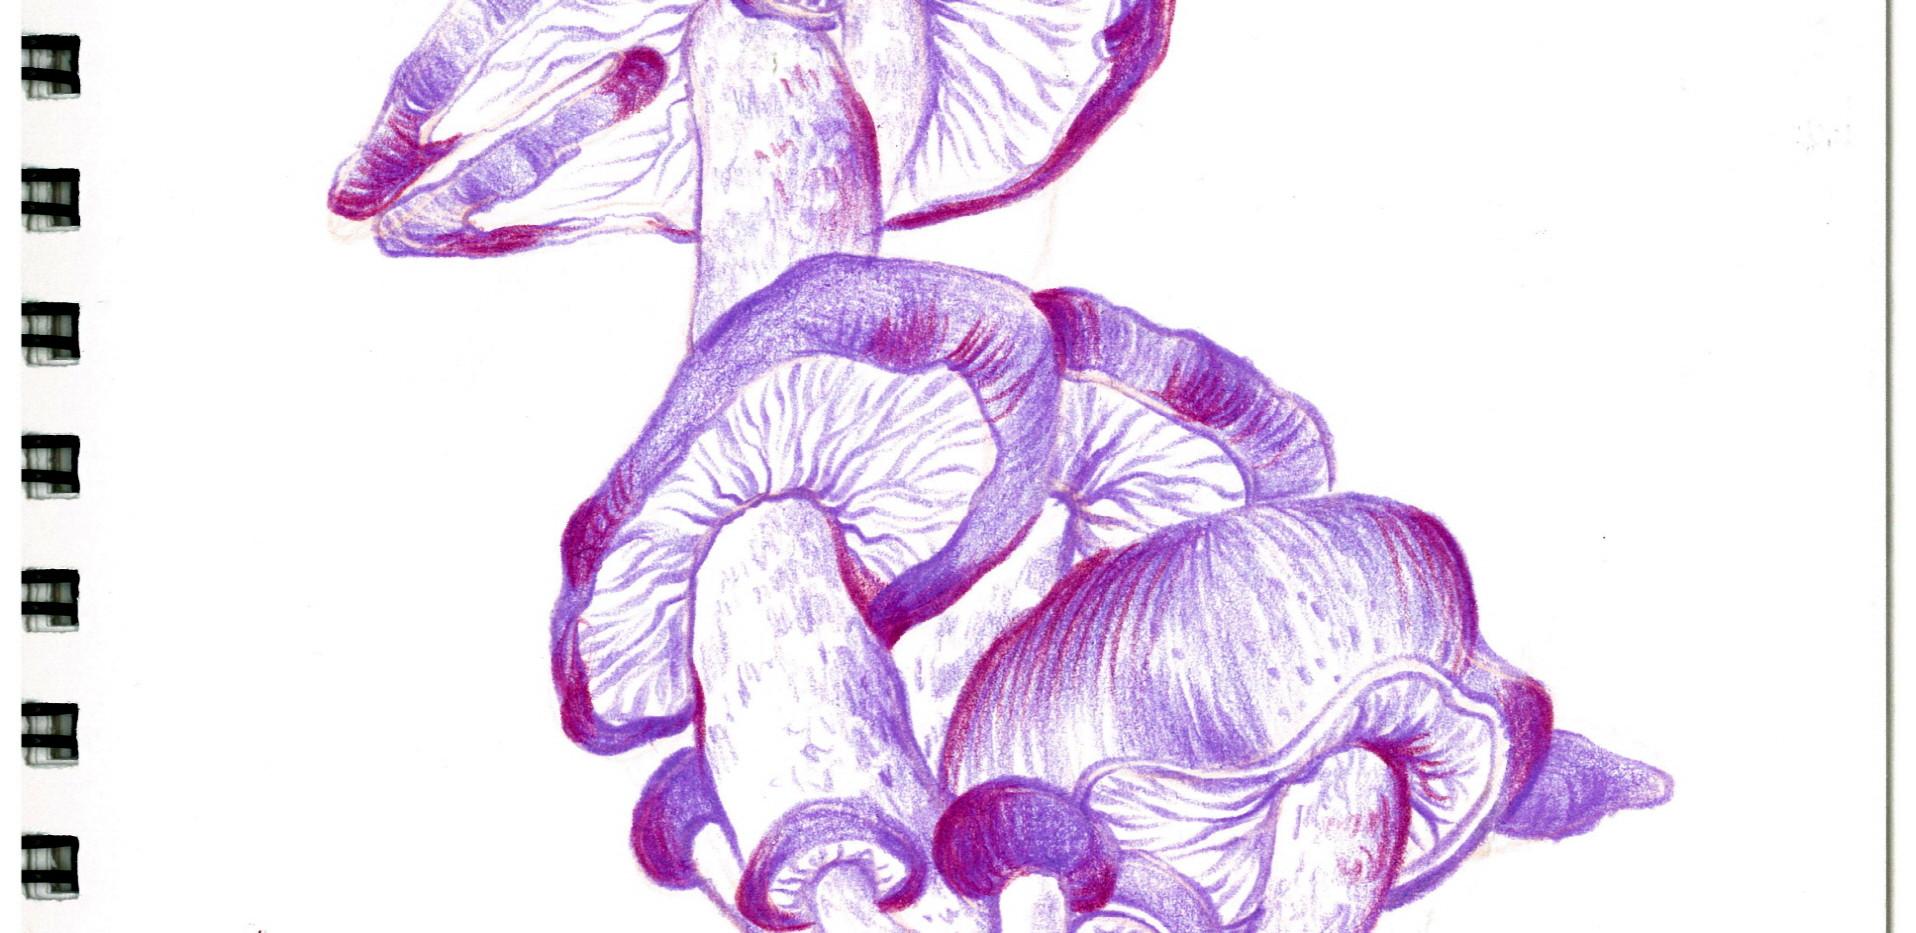 김영래, <보라버섯가오리>, drawing